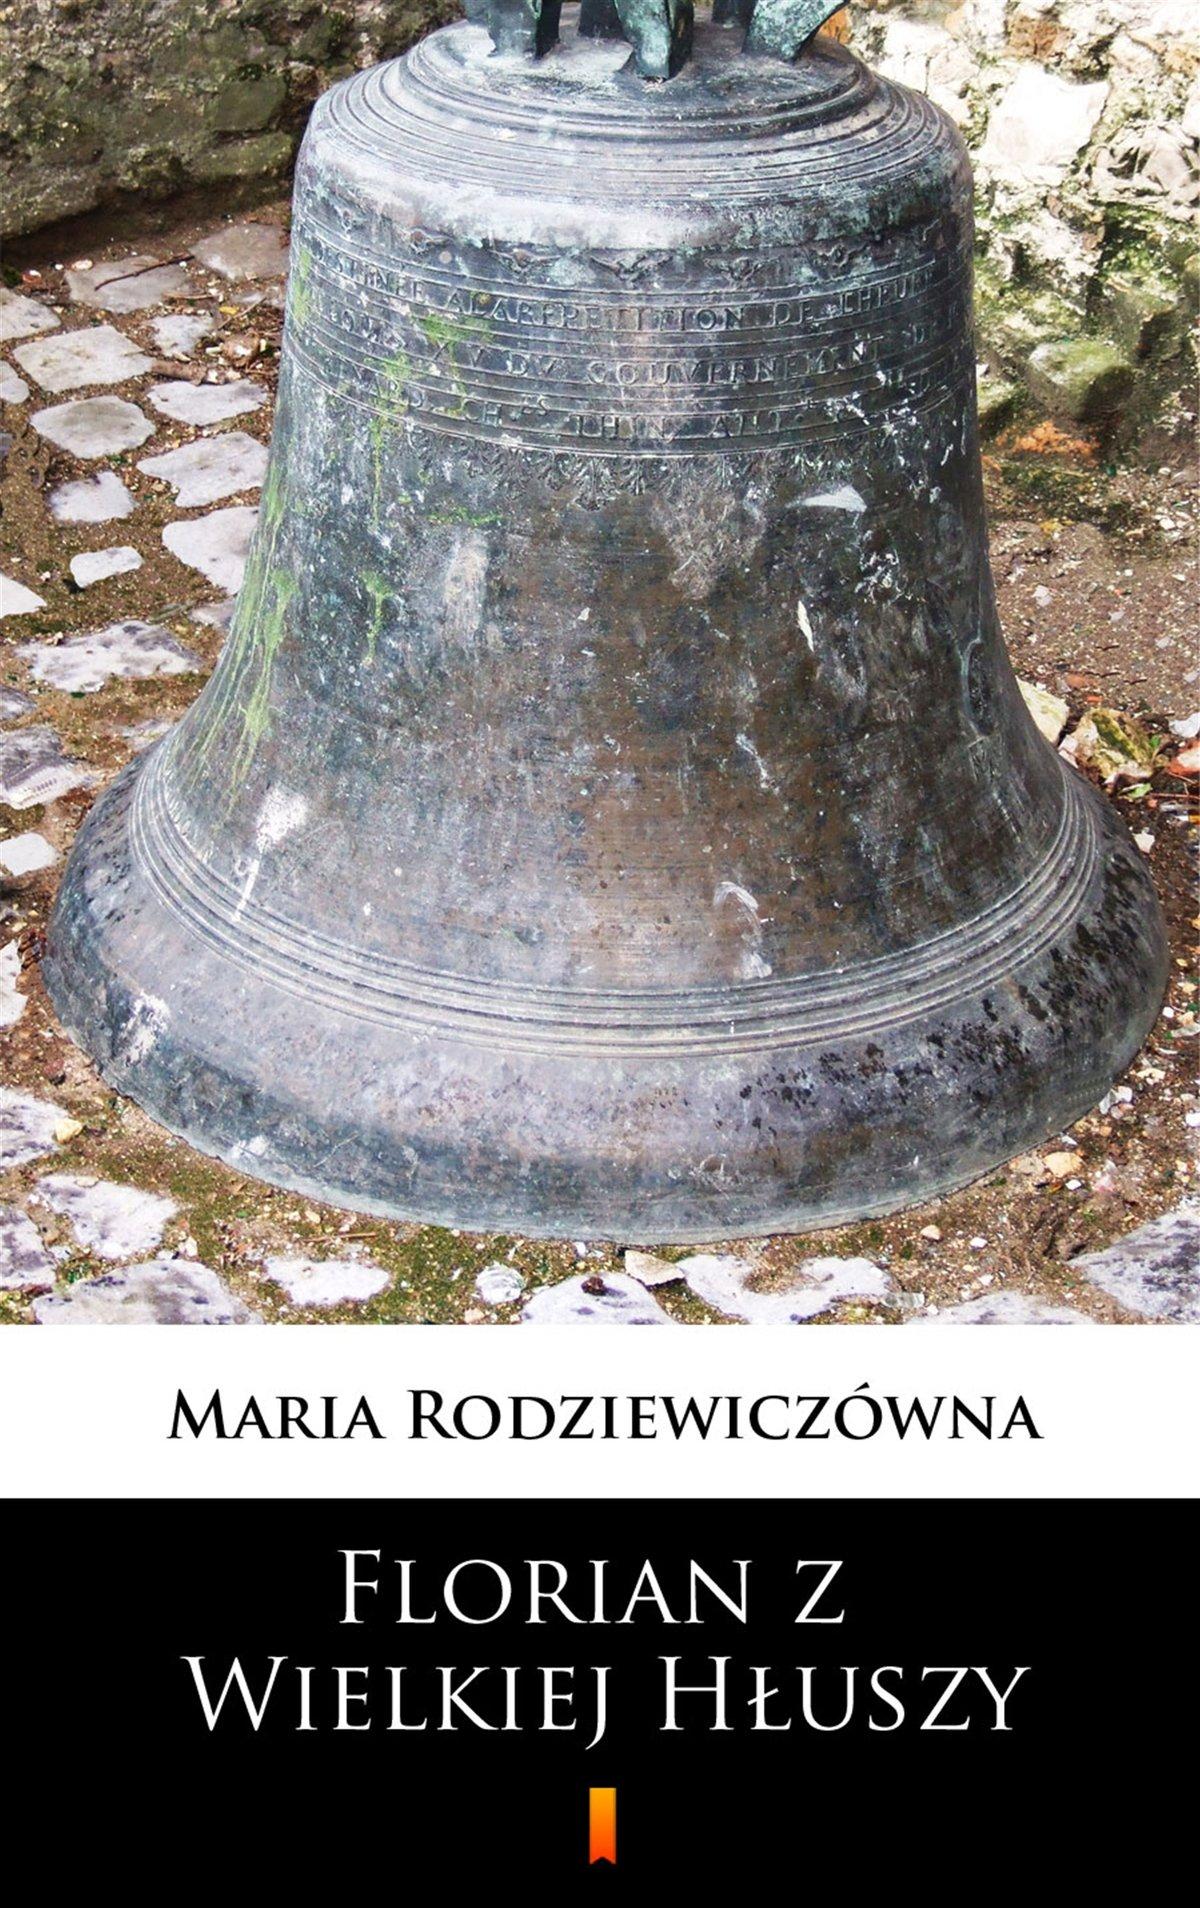 Florian z Wielkiej Hłuszy - Ebook (Książka EPUB) do pobrania w formacie EPUB